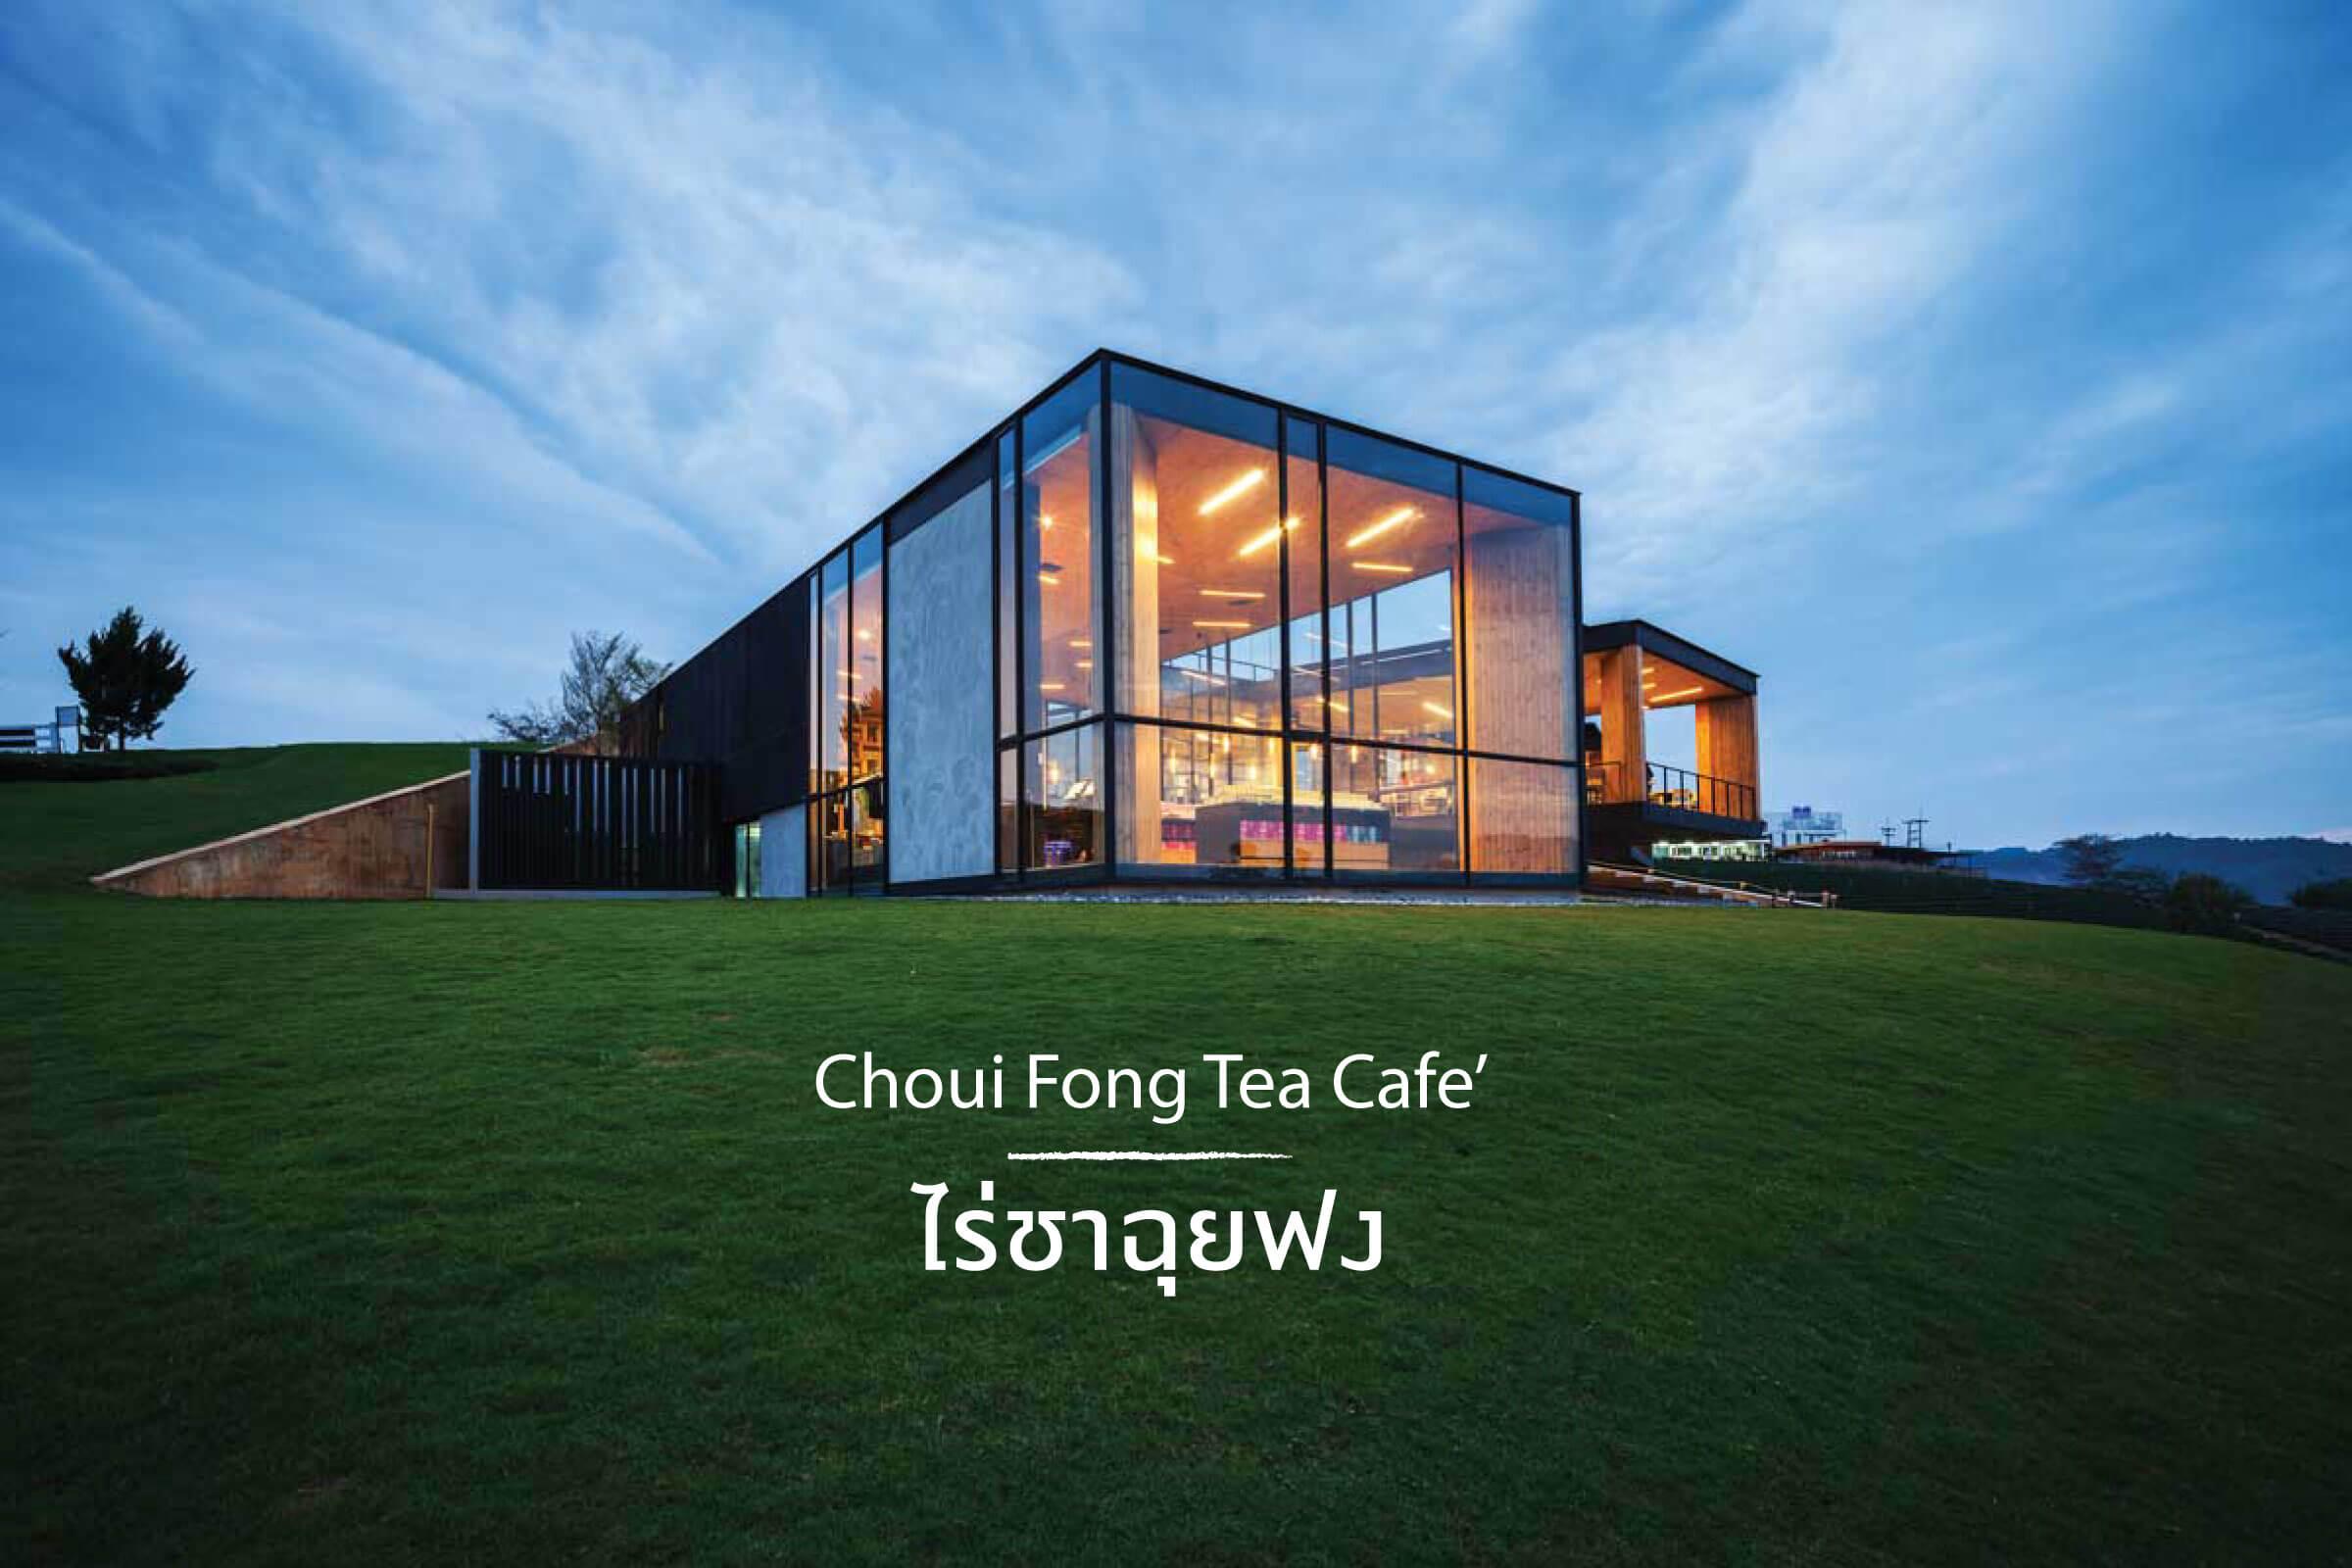 ไร่ชาฉุยฟง @Choui Fong Tea Cafe'